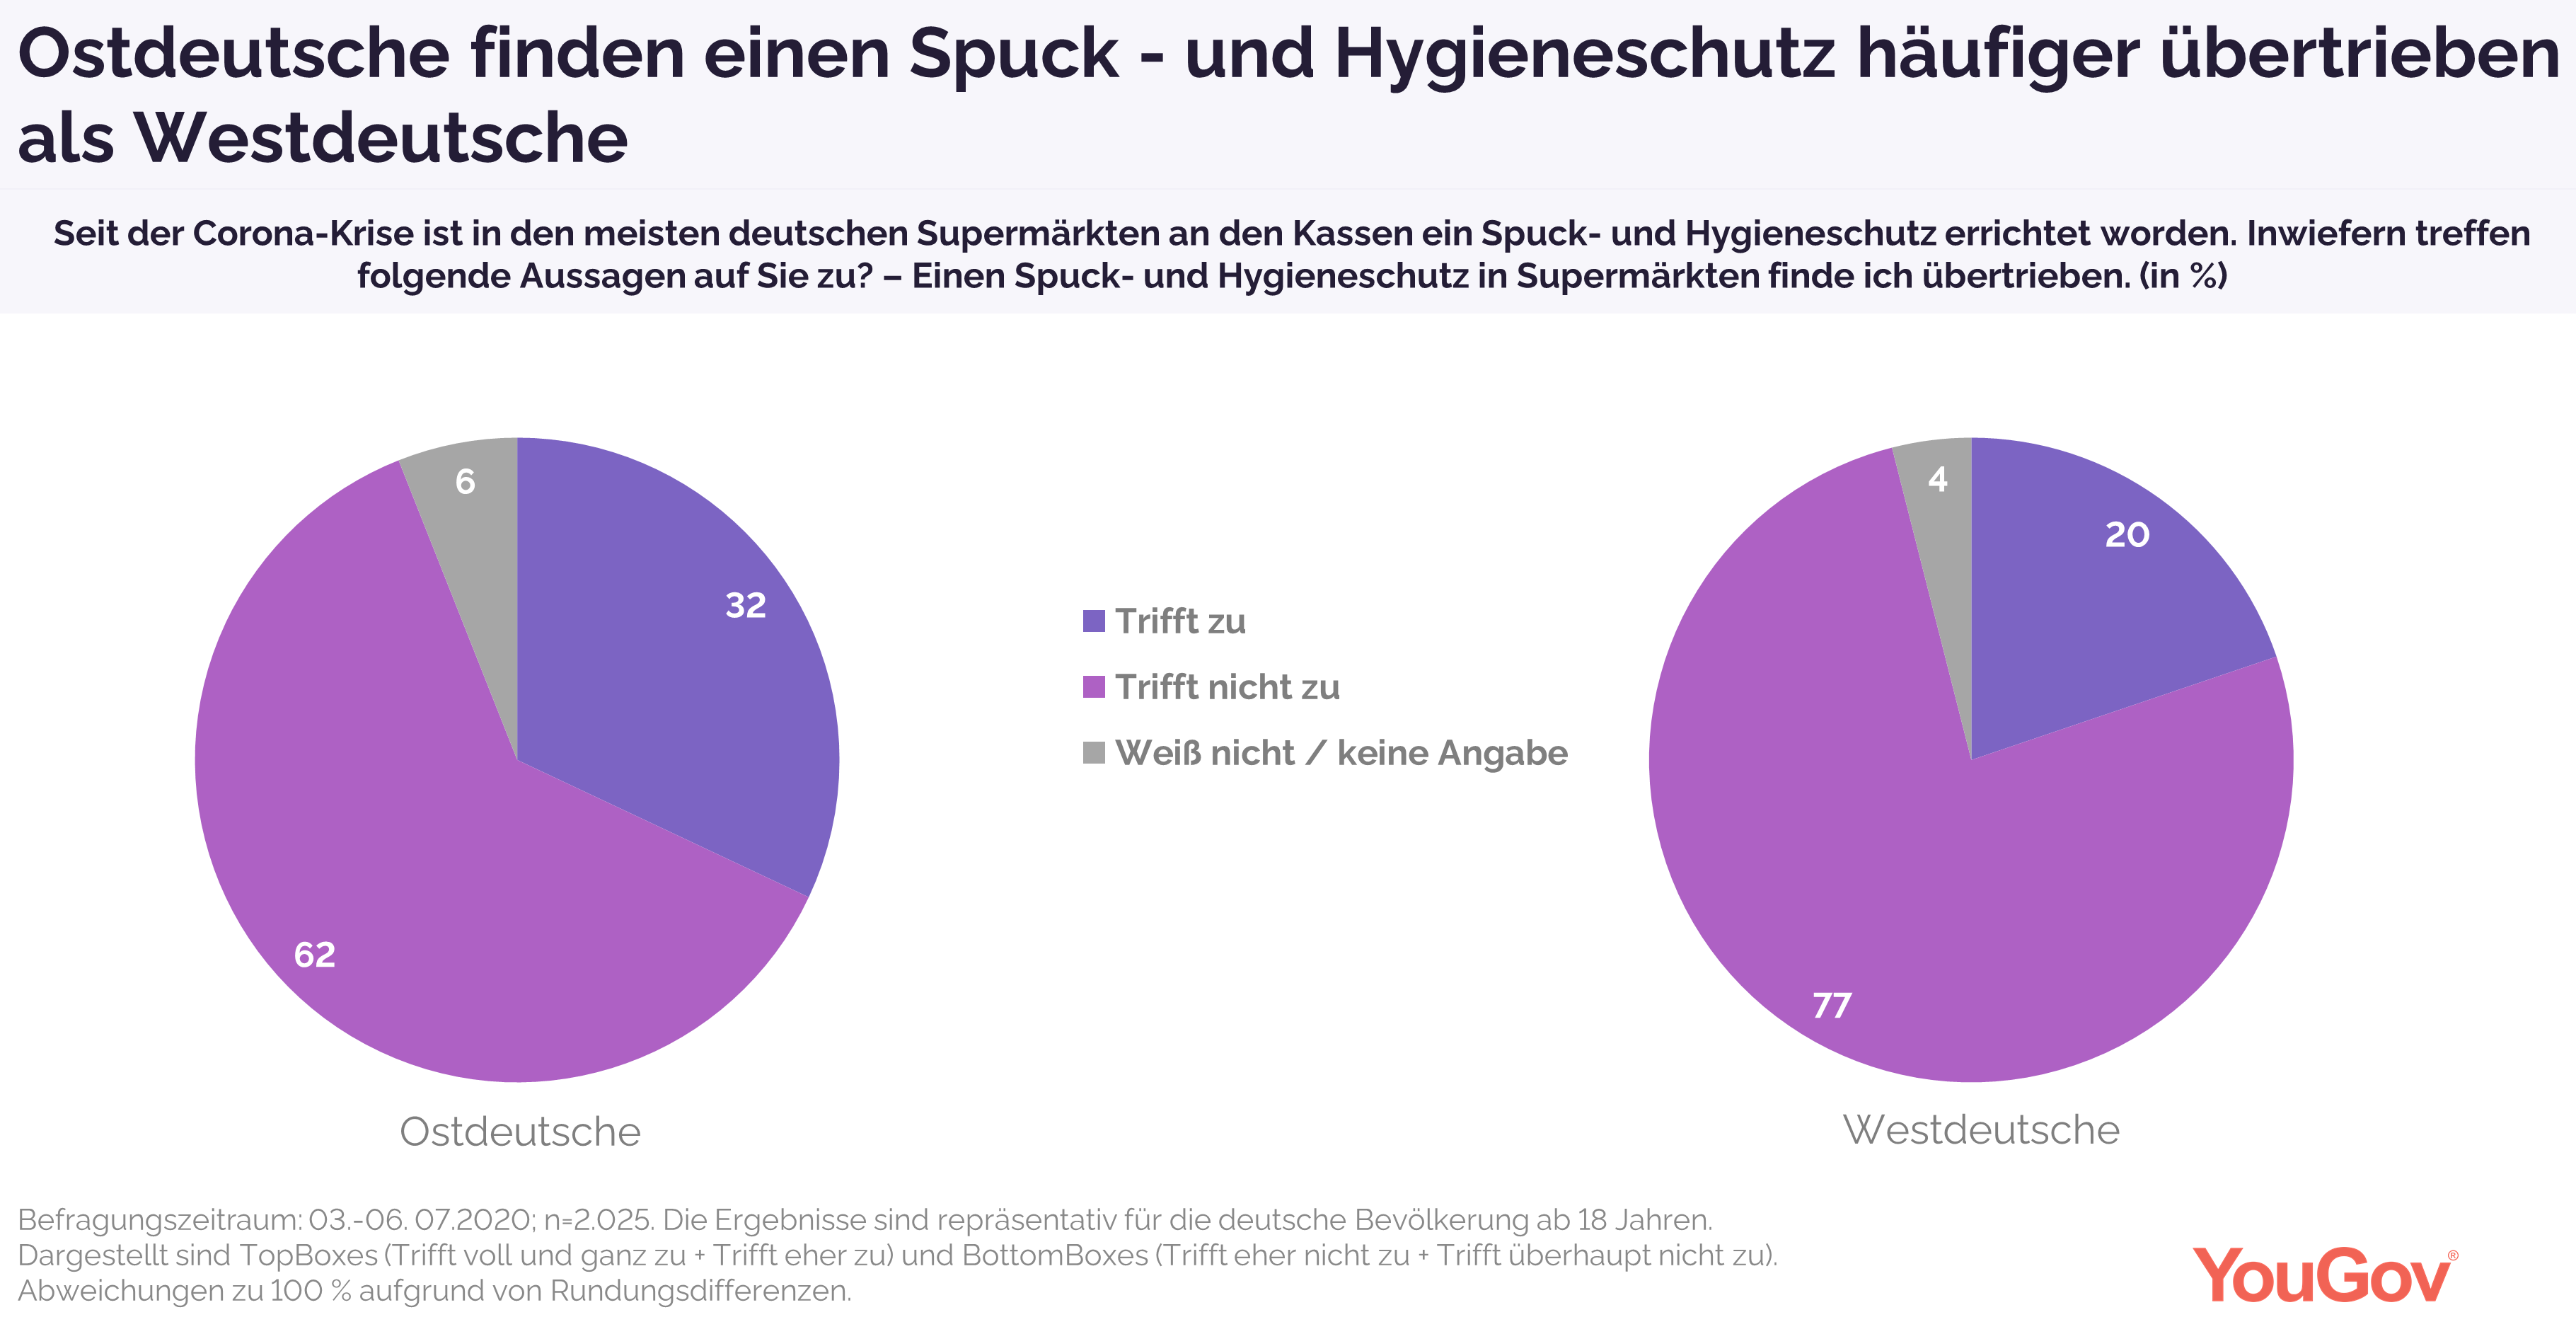 Ostdeutsche finden Spuckschutze häufiger übertrieben